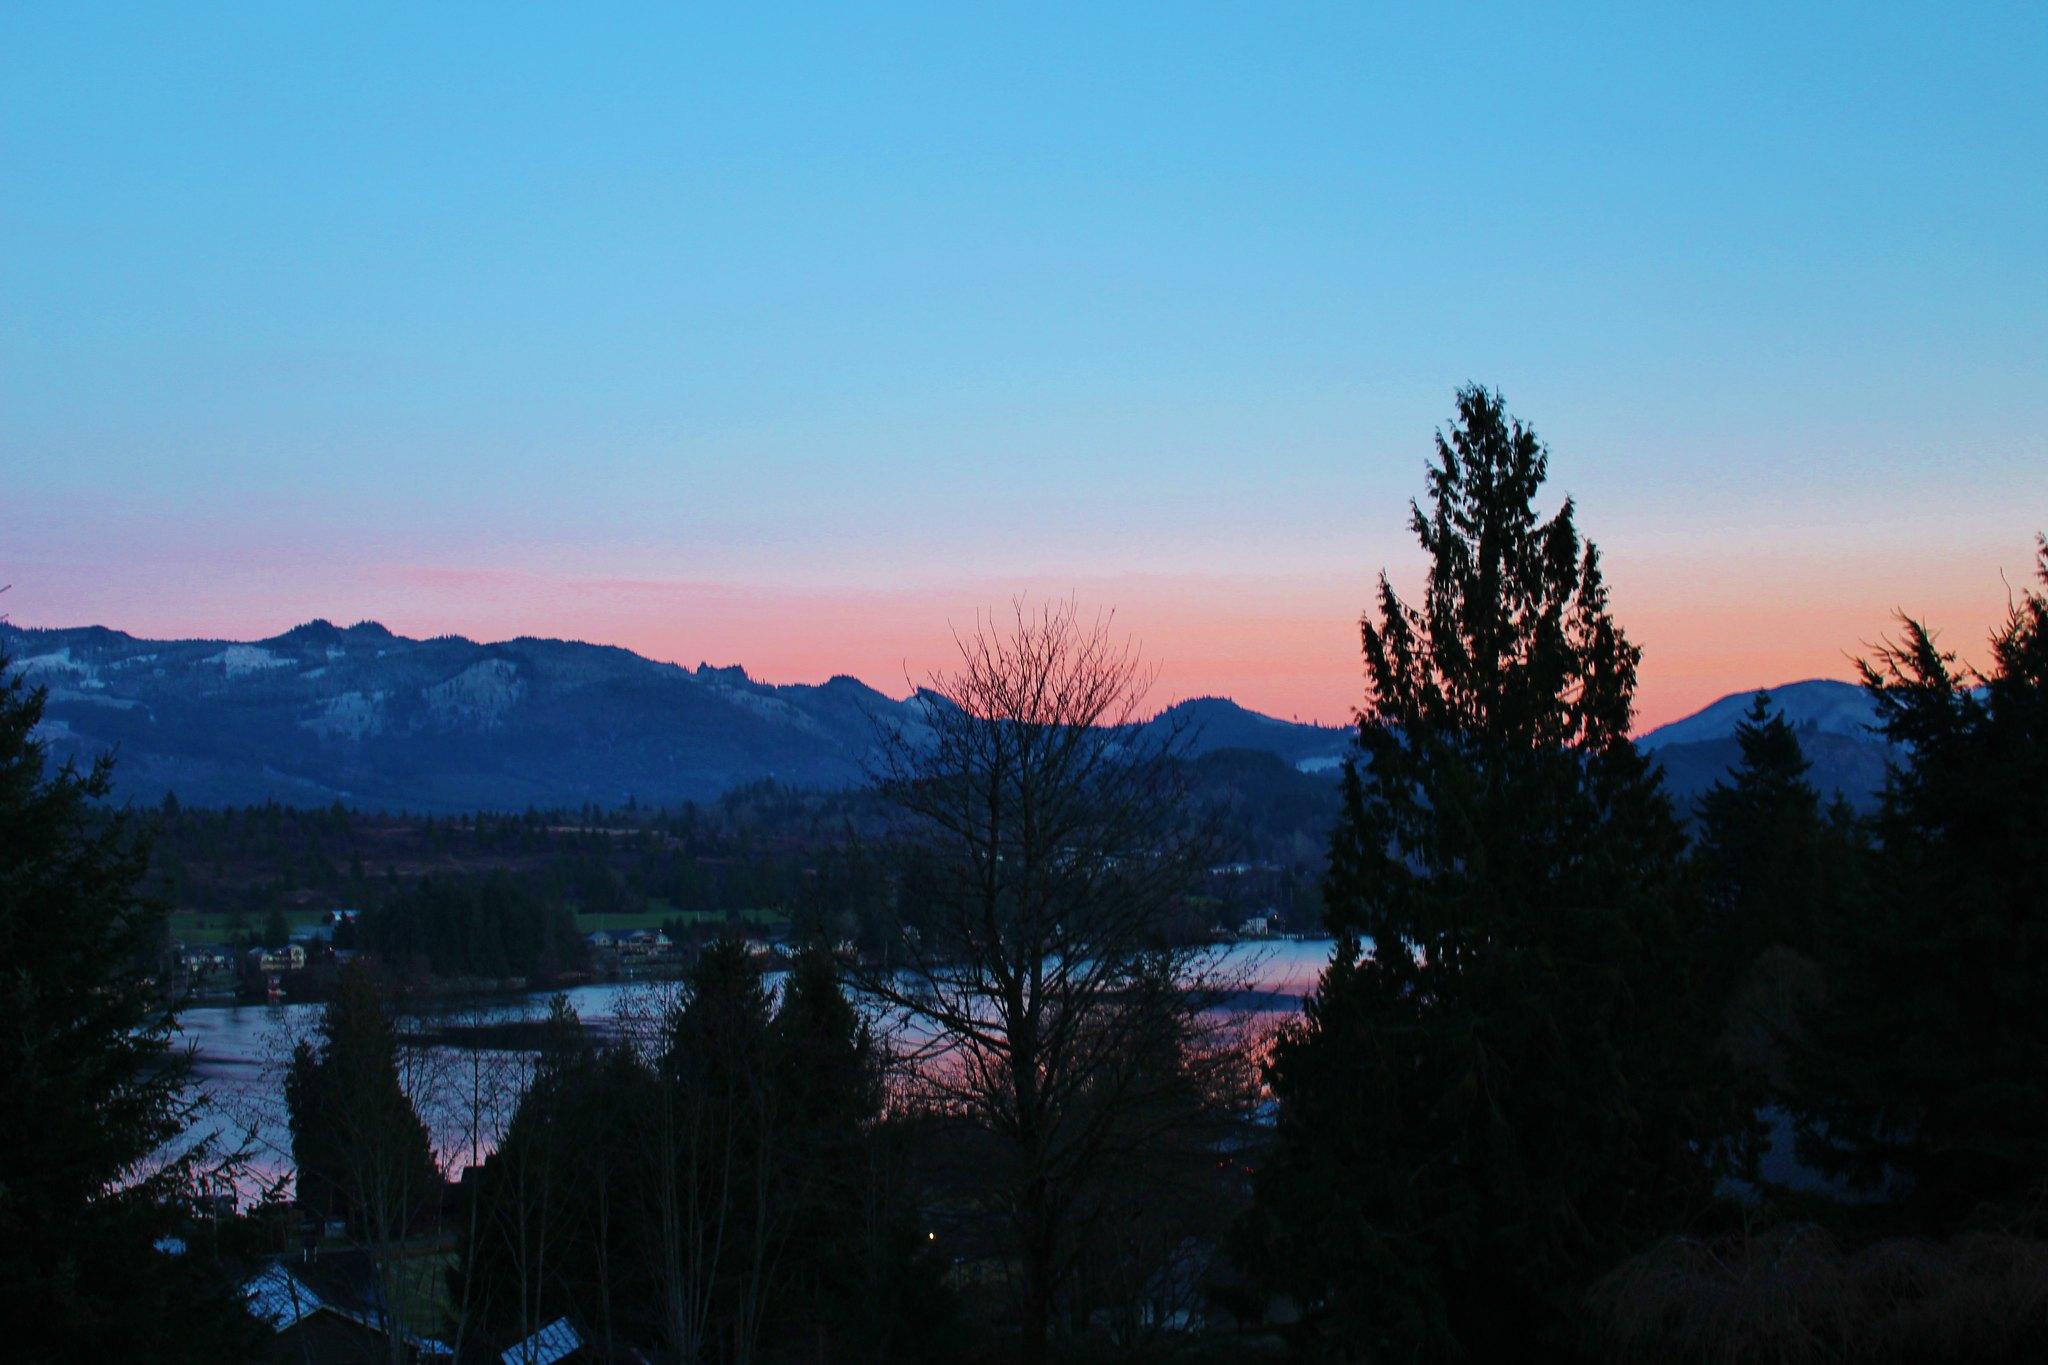 Washington sunset